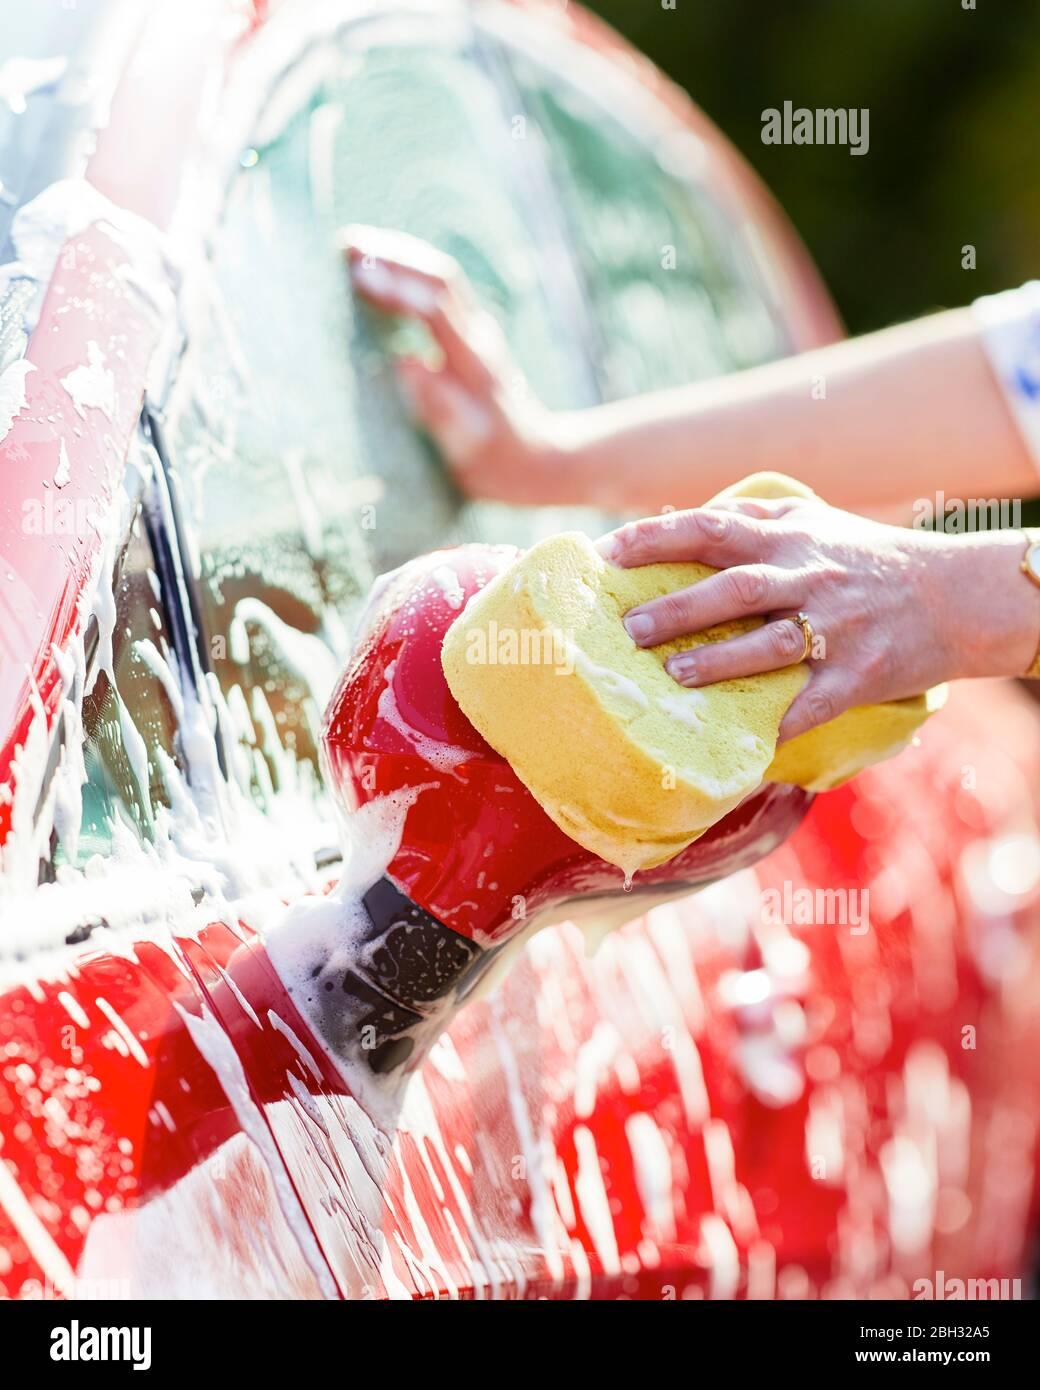 Mujer lava su automóvil Foto de stock